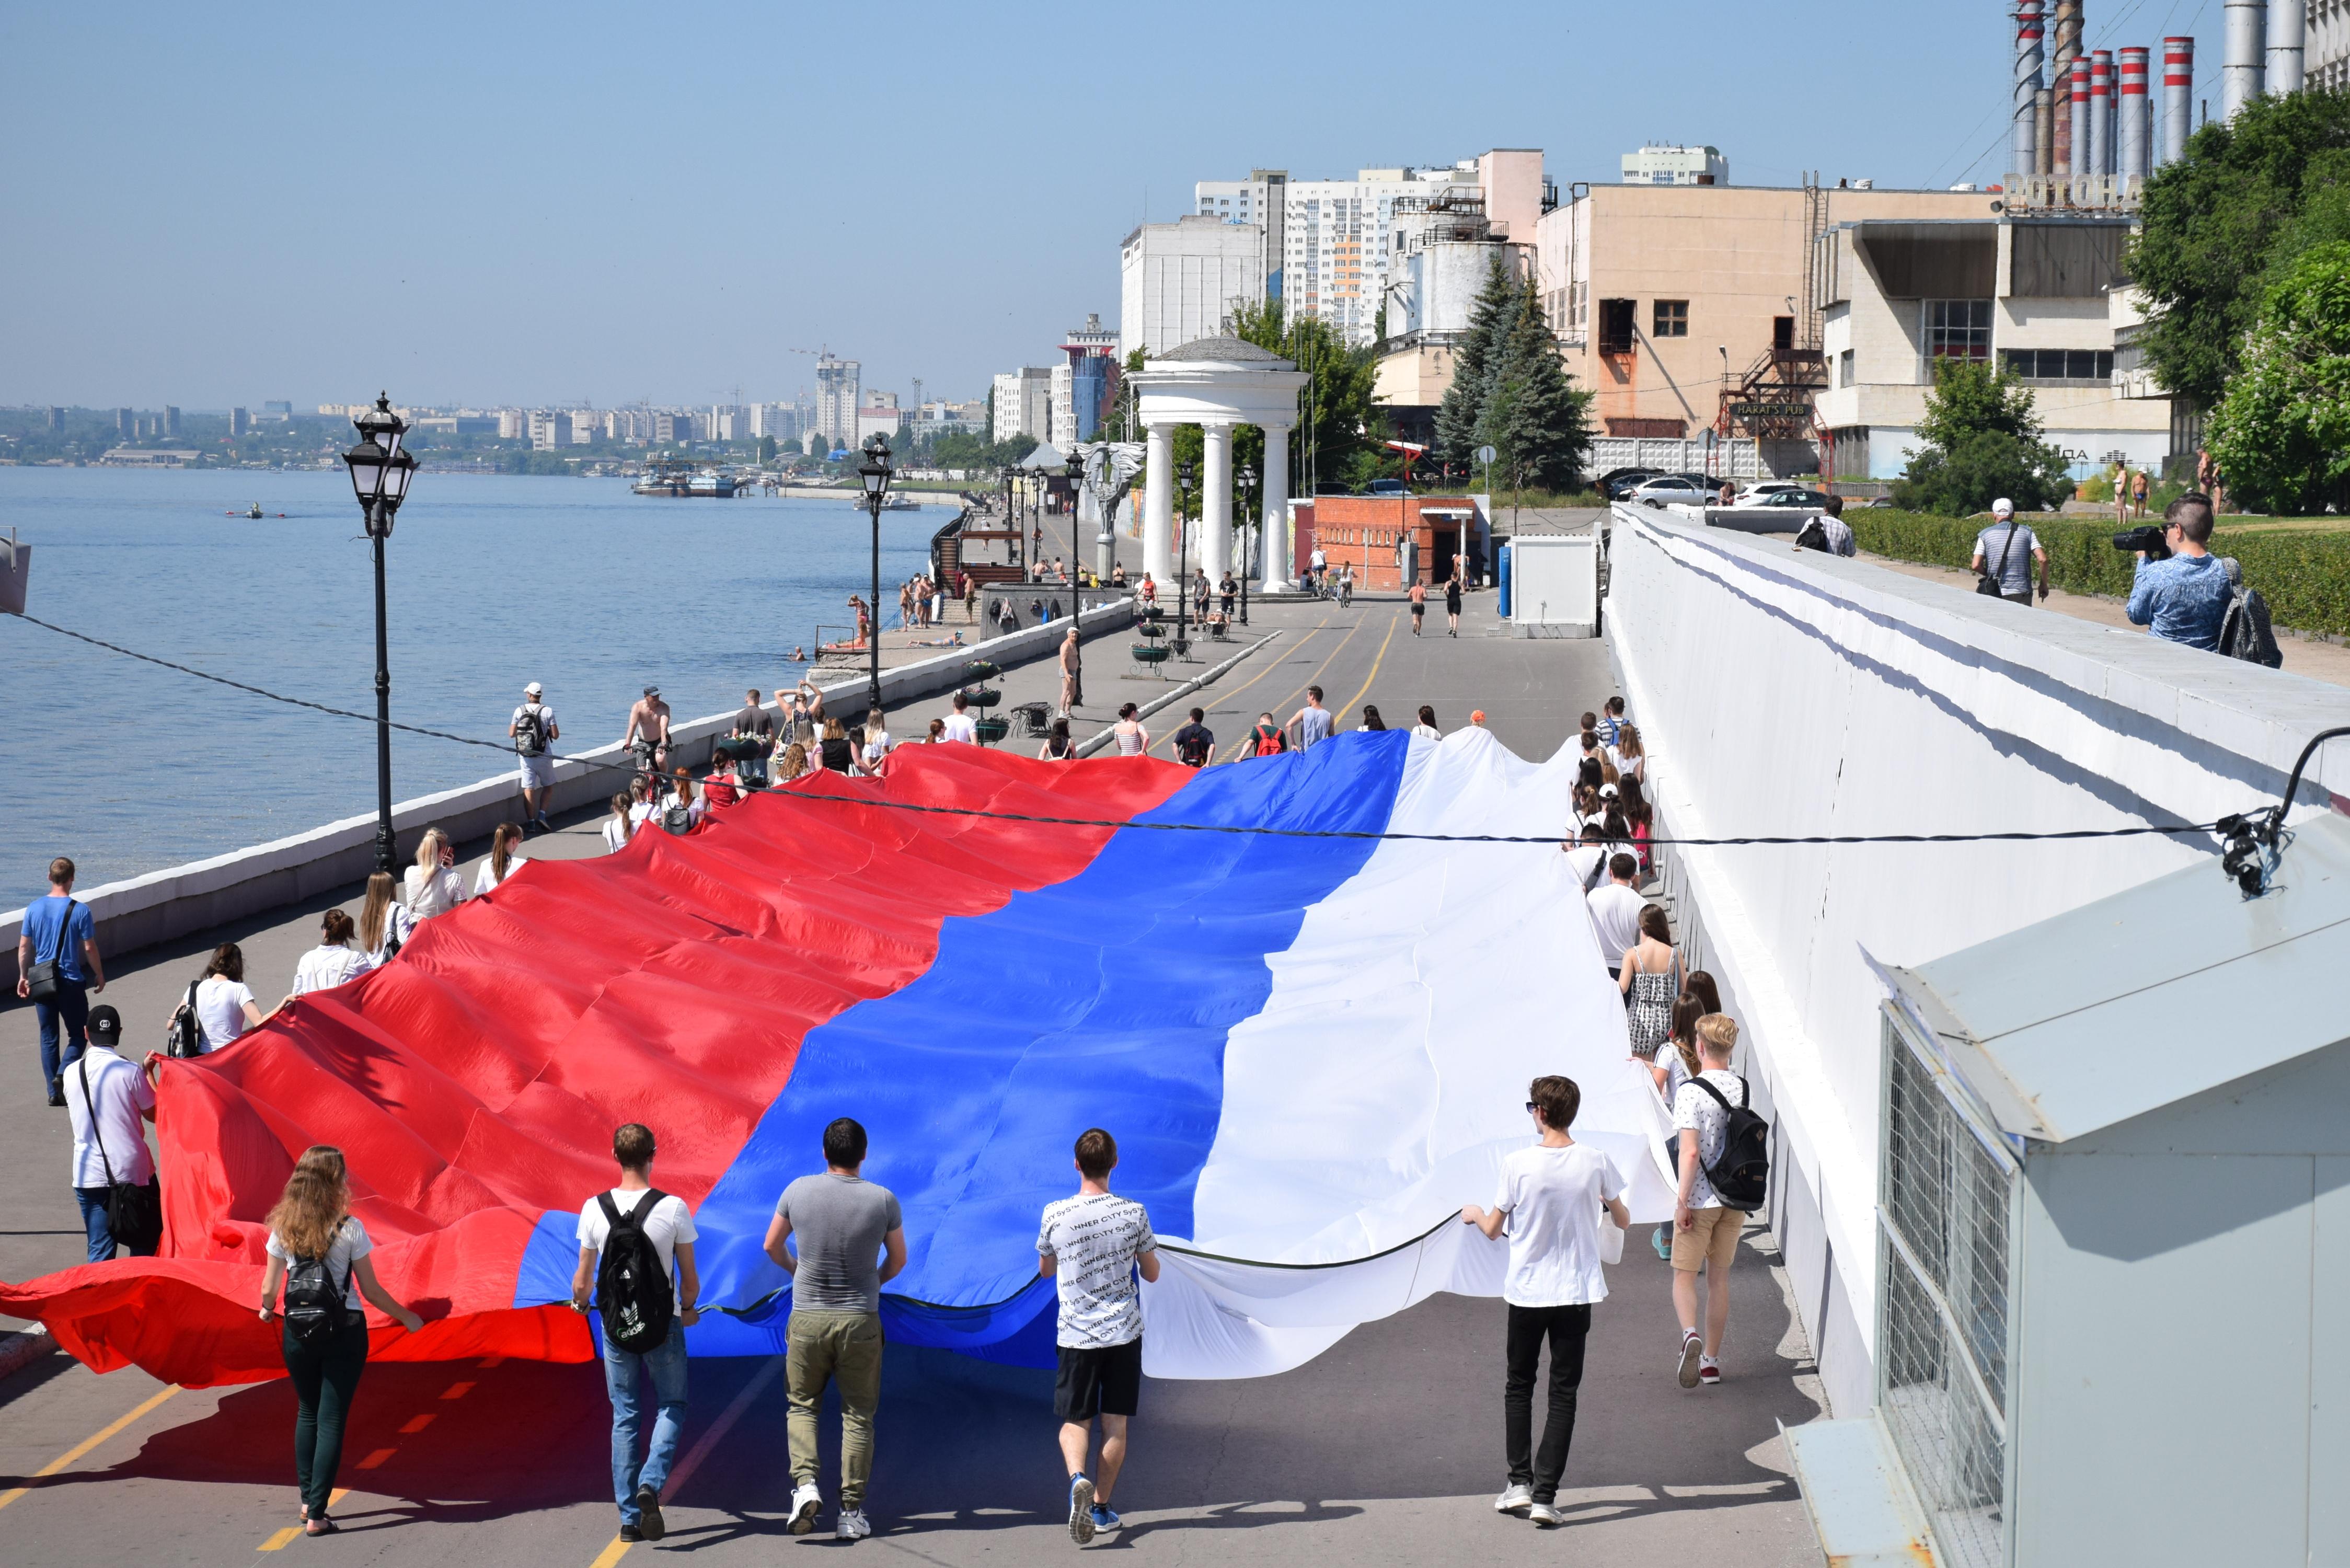 Саратовцы устроили на Набережной красочный флешмоб